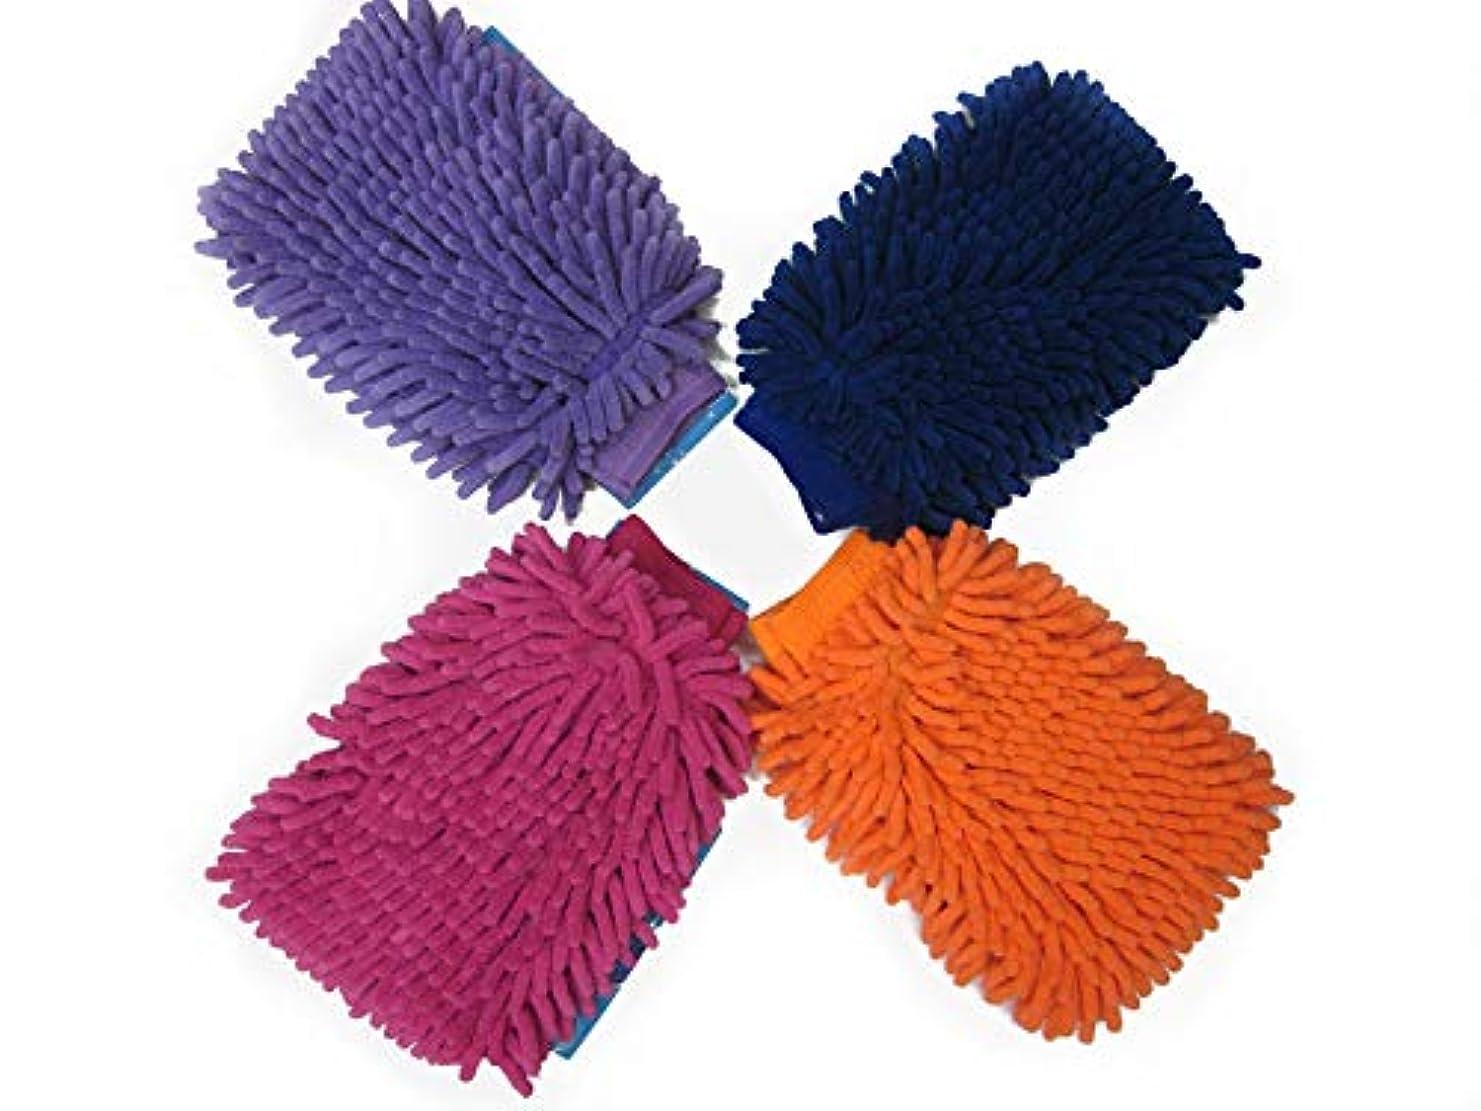 ドローキリスト教りBTXXYJP 車の窓掃除道具ホームクリーニングクリーニング手袋極細繊維シェニールマイクロファイバーカーウォッシュグローブ、10ペア (Color : Blue)